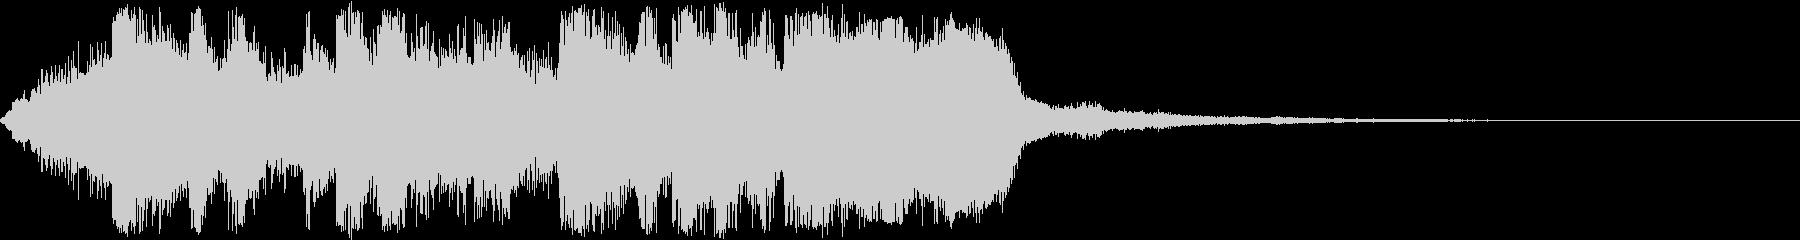 オープニング向け派手な金管ファンファーレの未再生の波形